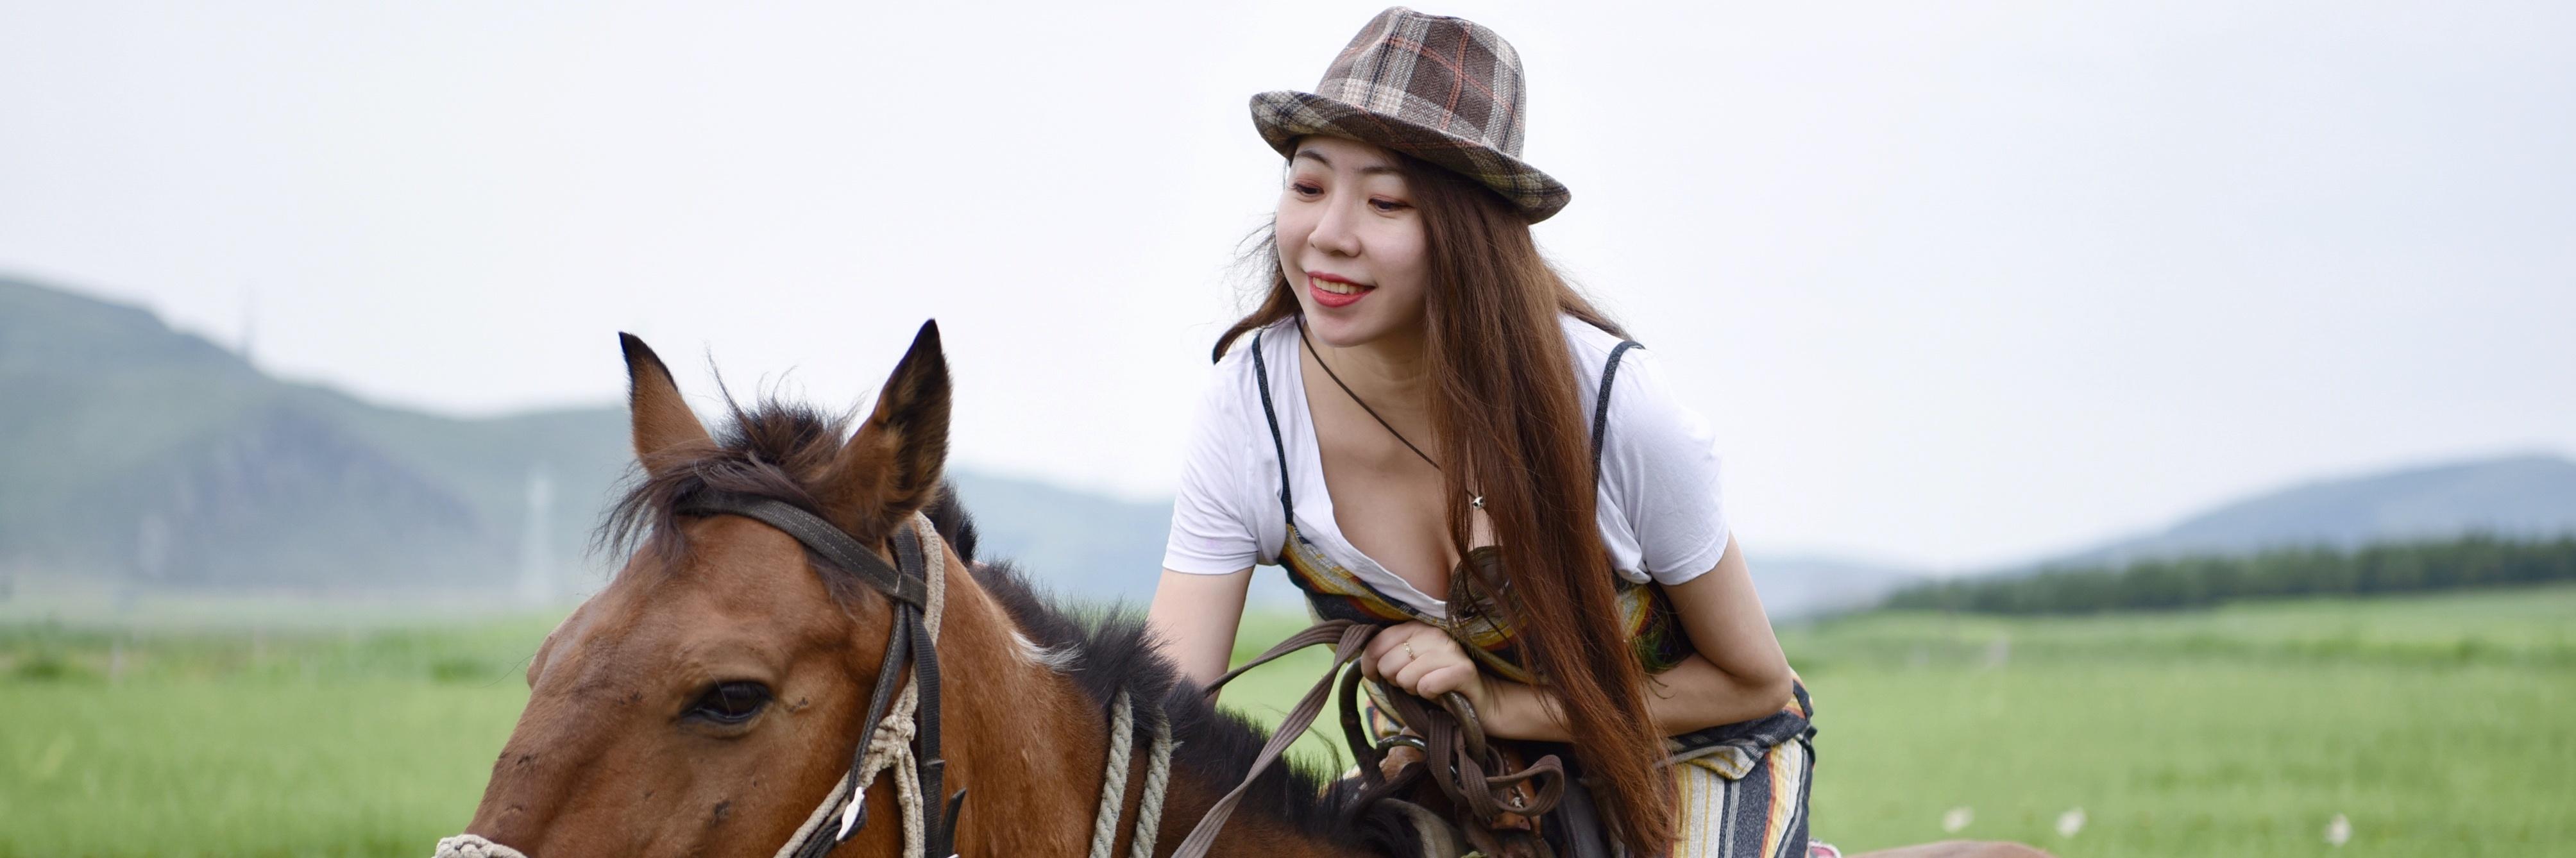 【北京周边游】遇见千松坝森林公园,感受坝上草原的独特风光